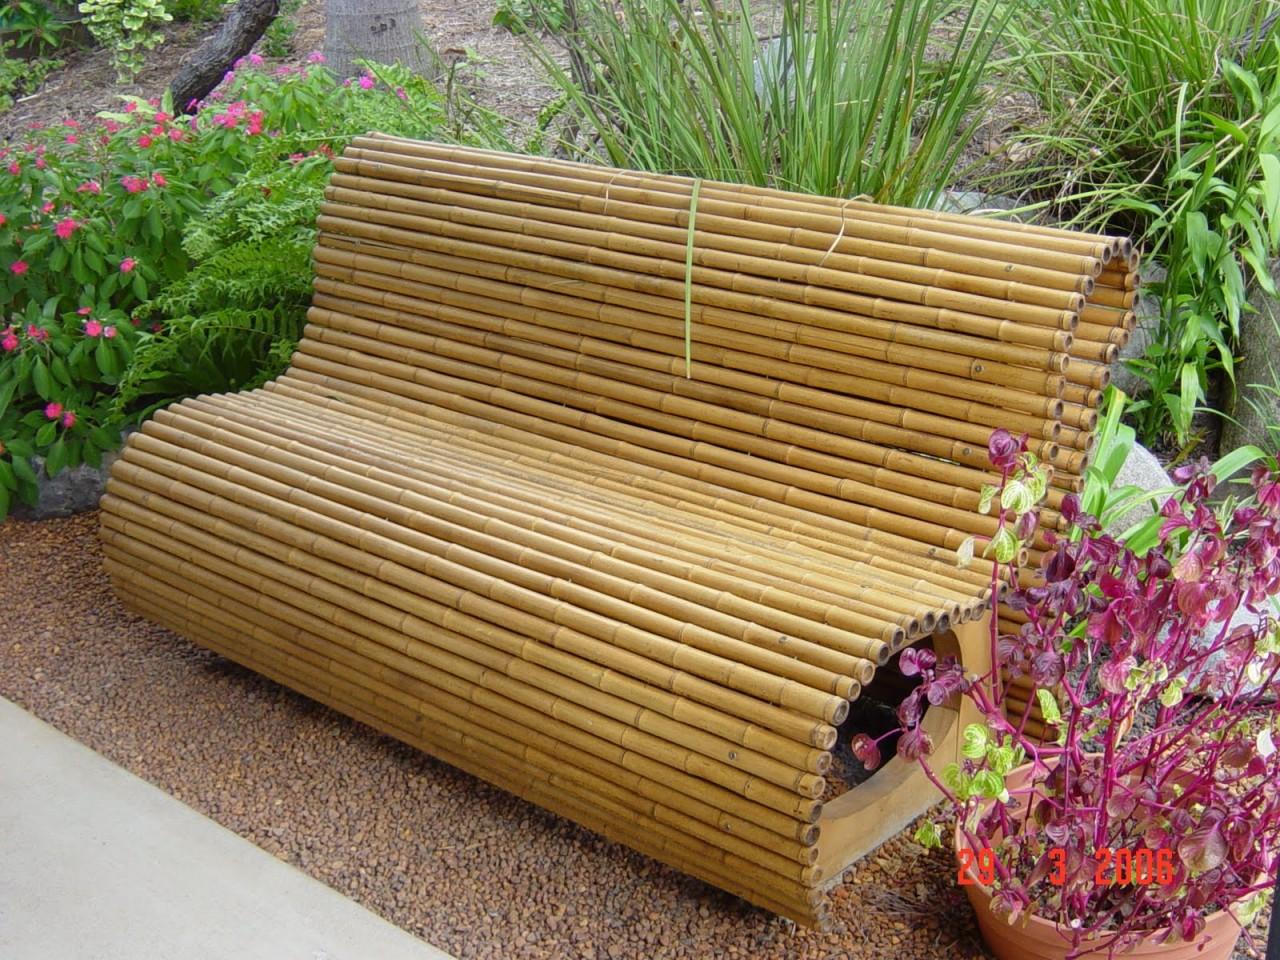 садовая скамейка из бамбука